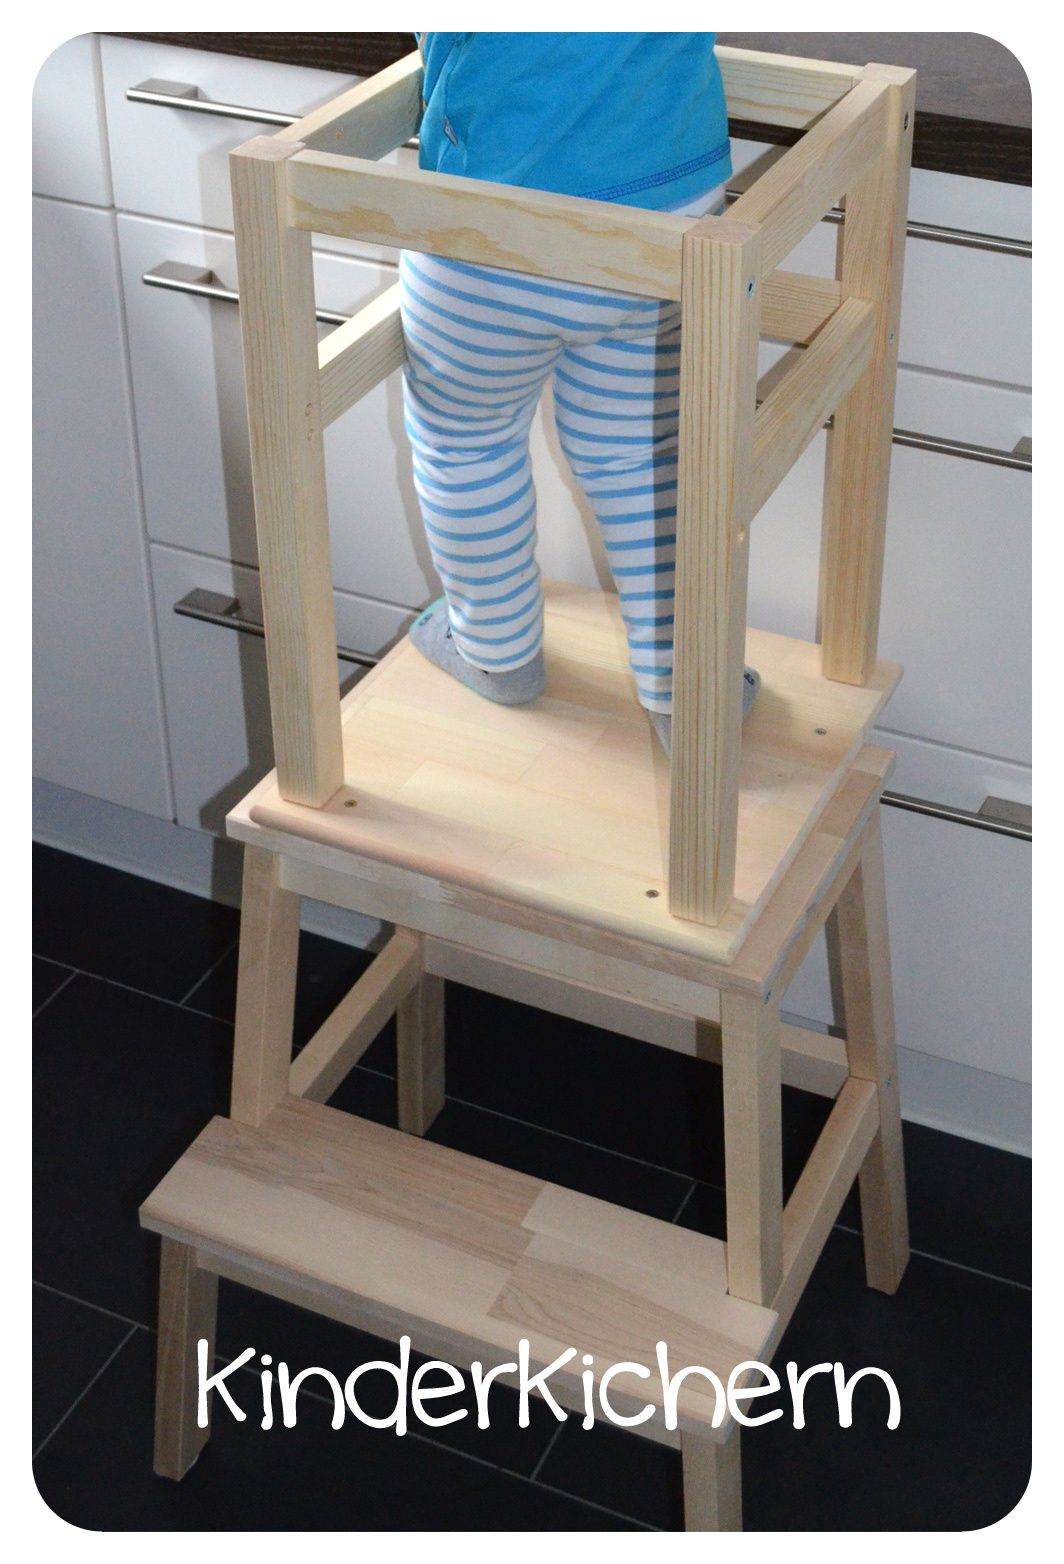 Full Size of Küche Ikea Kosten Modulküche Betten Bei Stehhilfe Sofa Mit Schlaffunktion 160x200 Miniküche Kaufen Wohnzimmer Stehhilfe Ikea